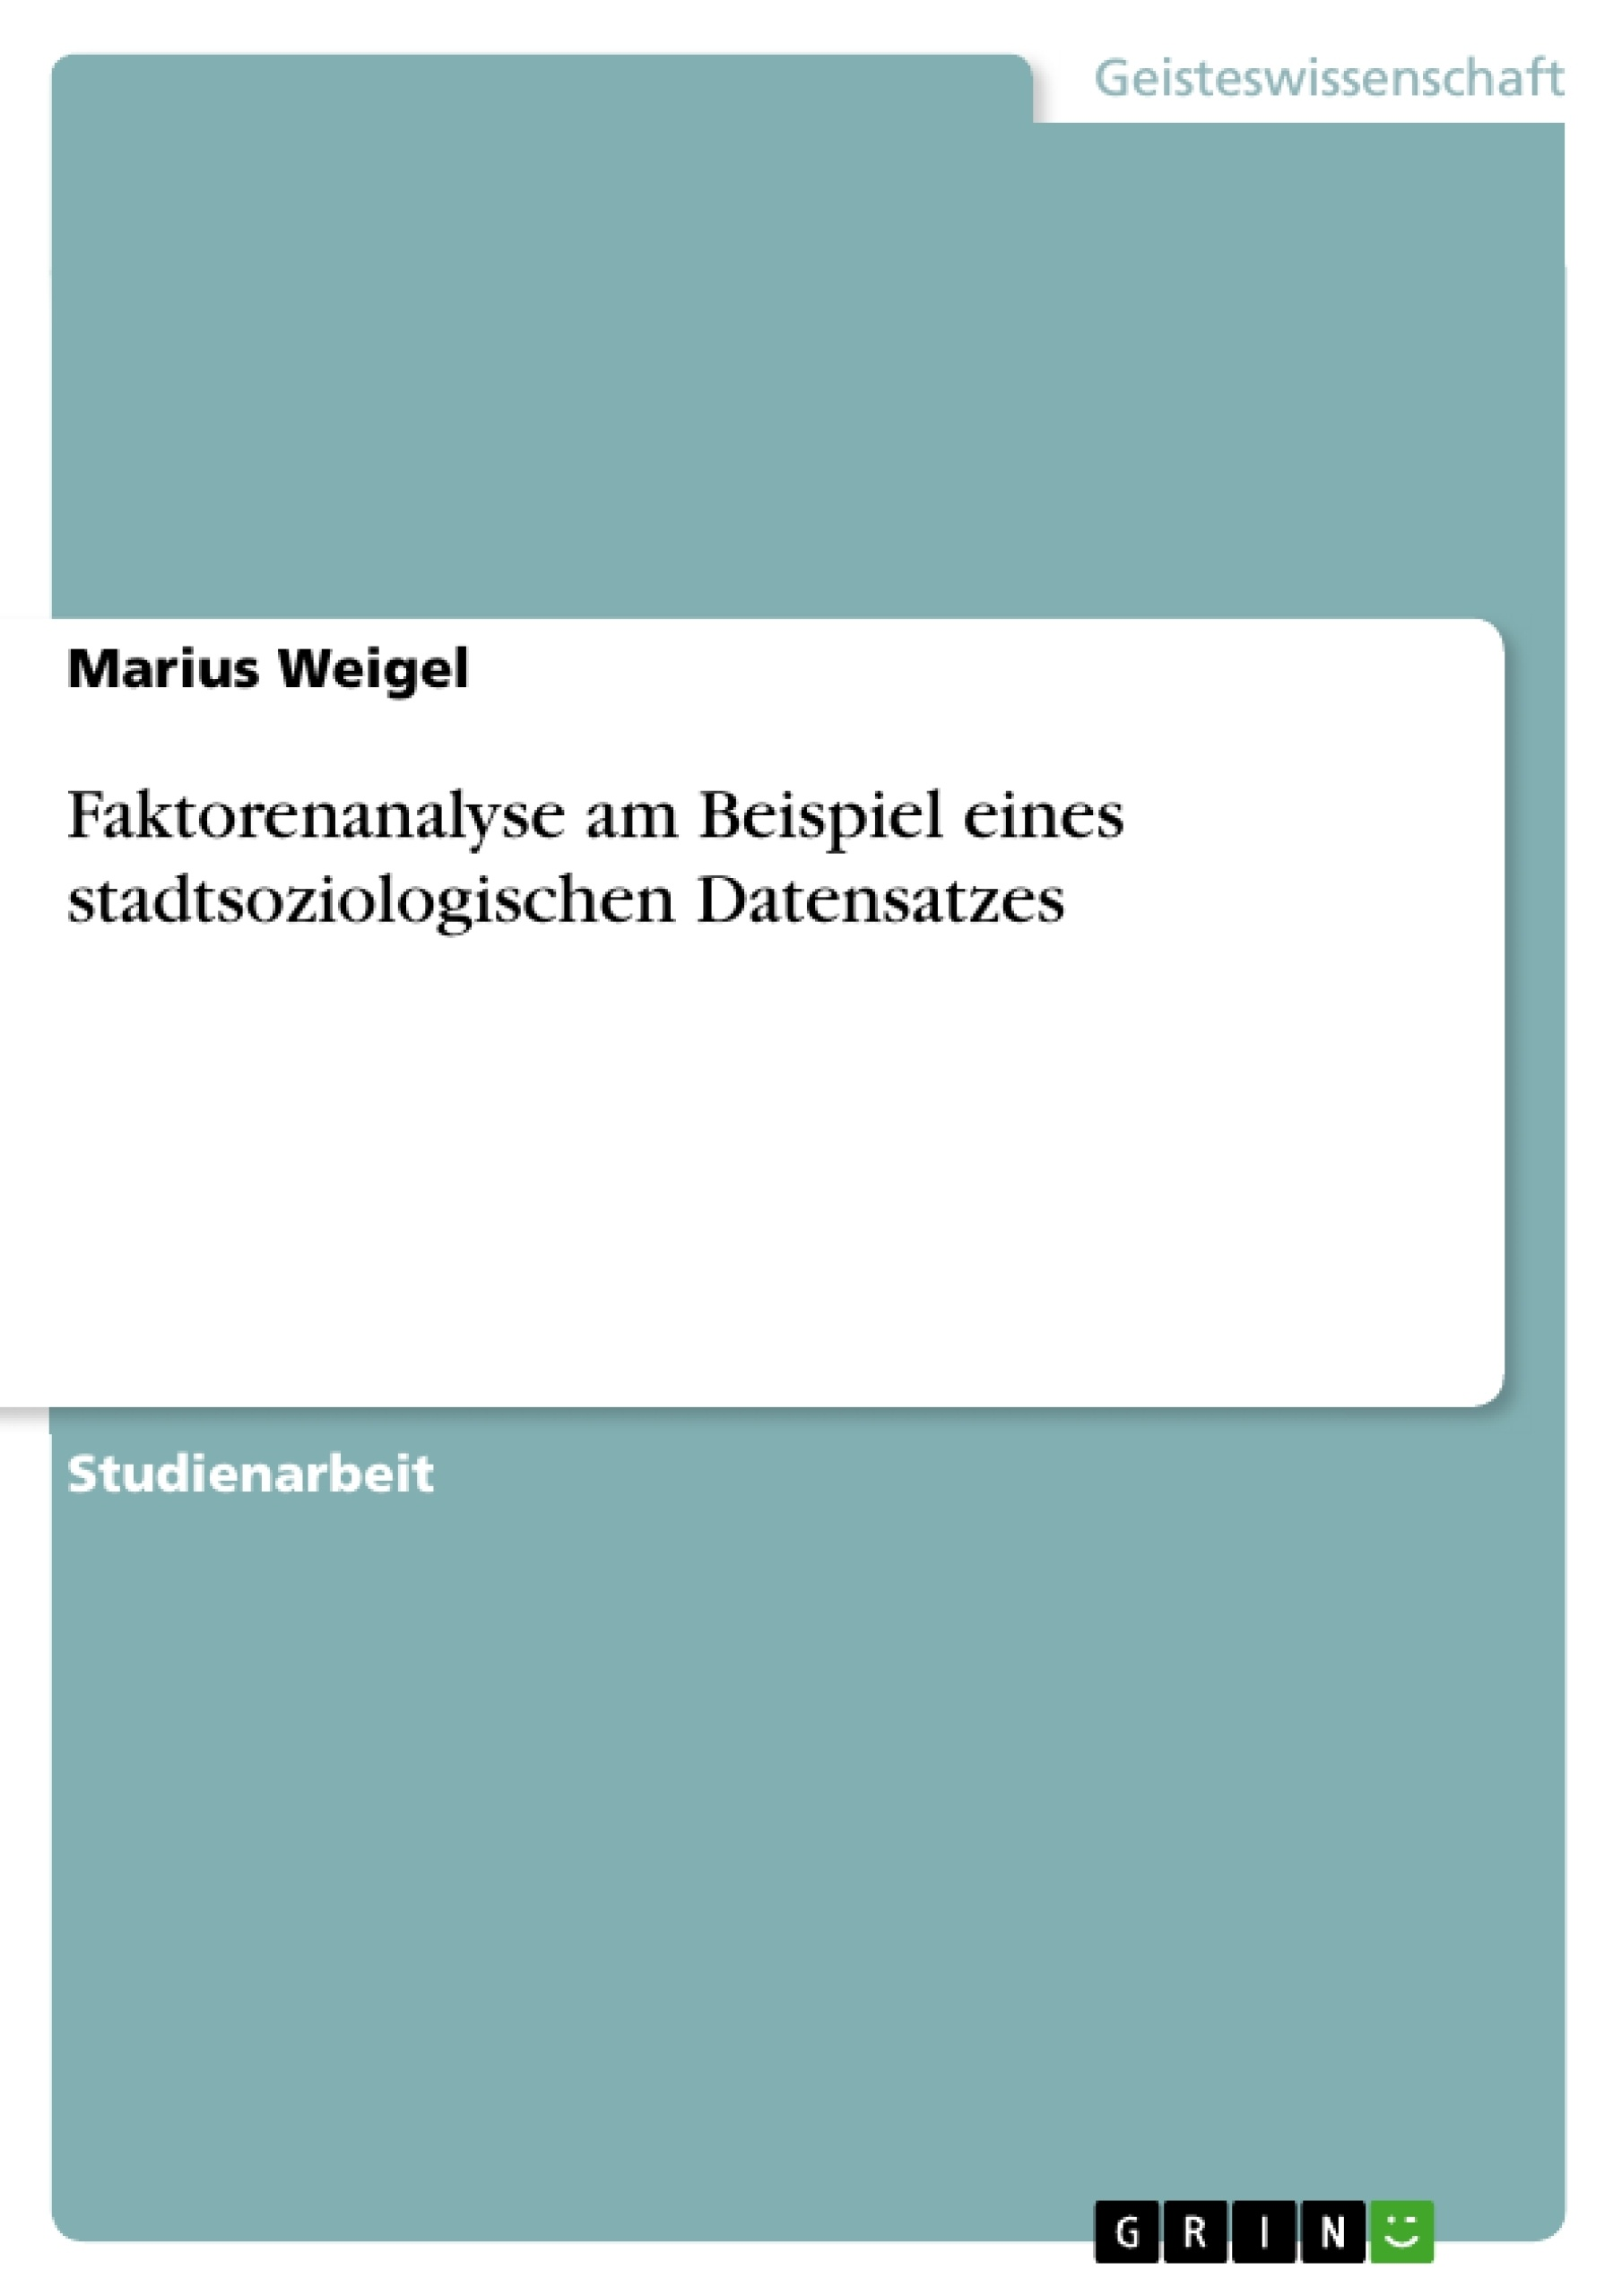 Titel: Faktorenanalyse am Beispiel eines stadtsoziologischen Datensatzes